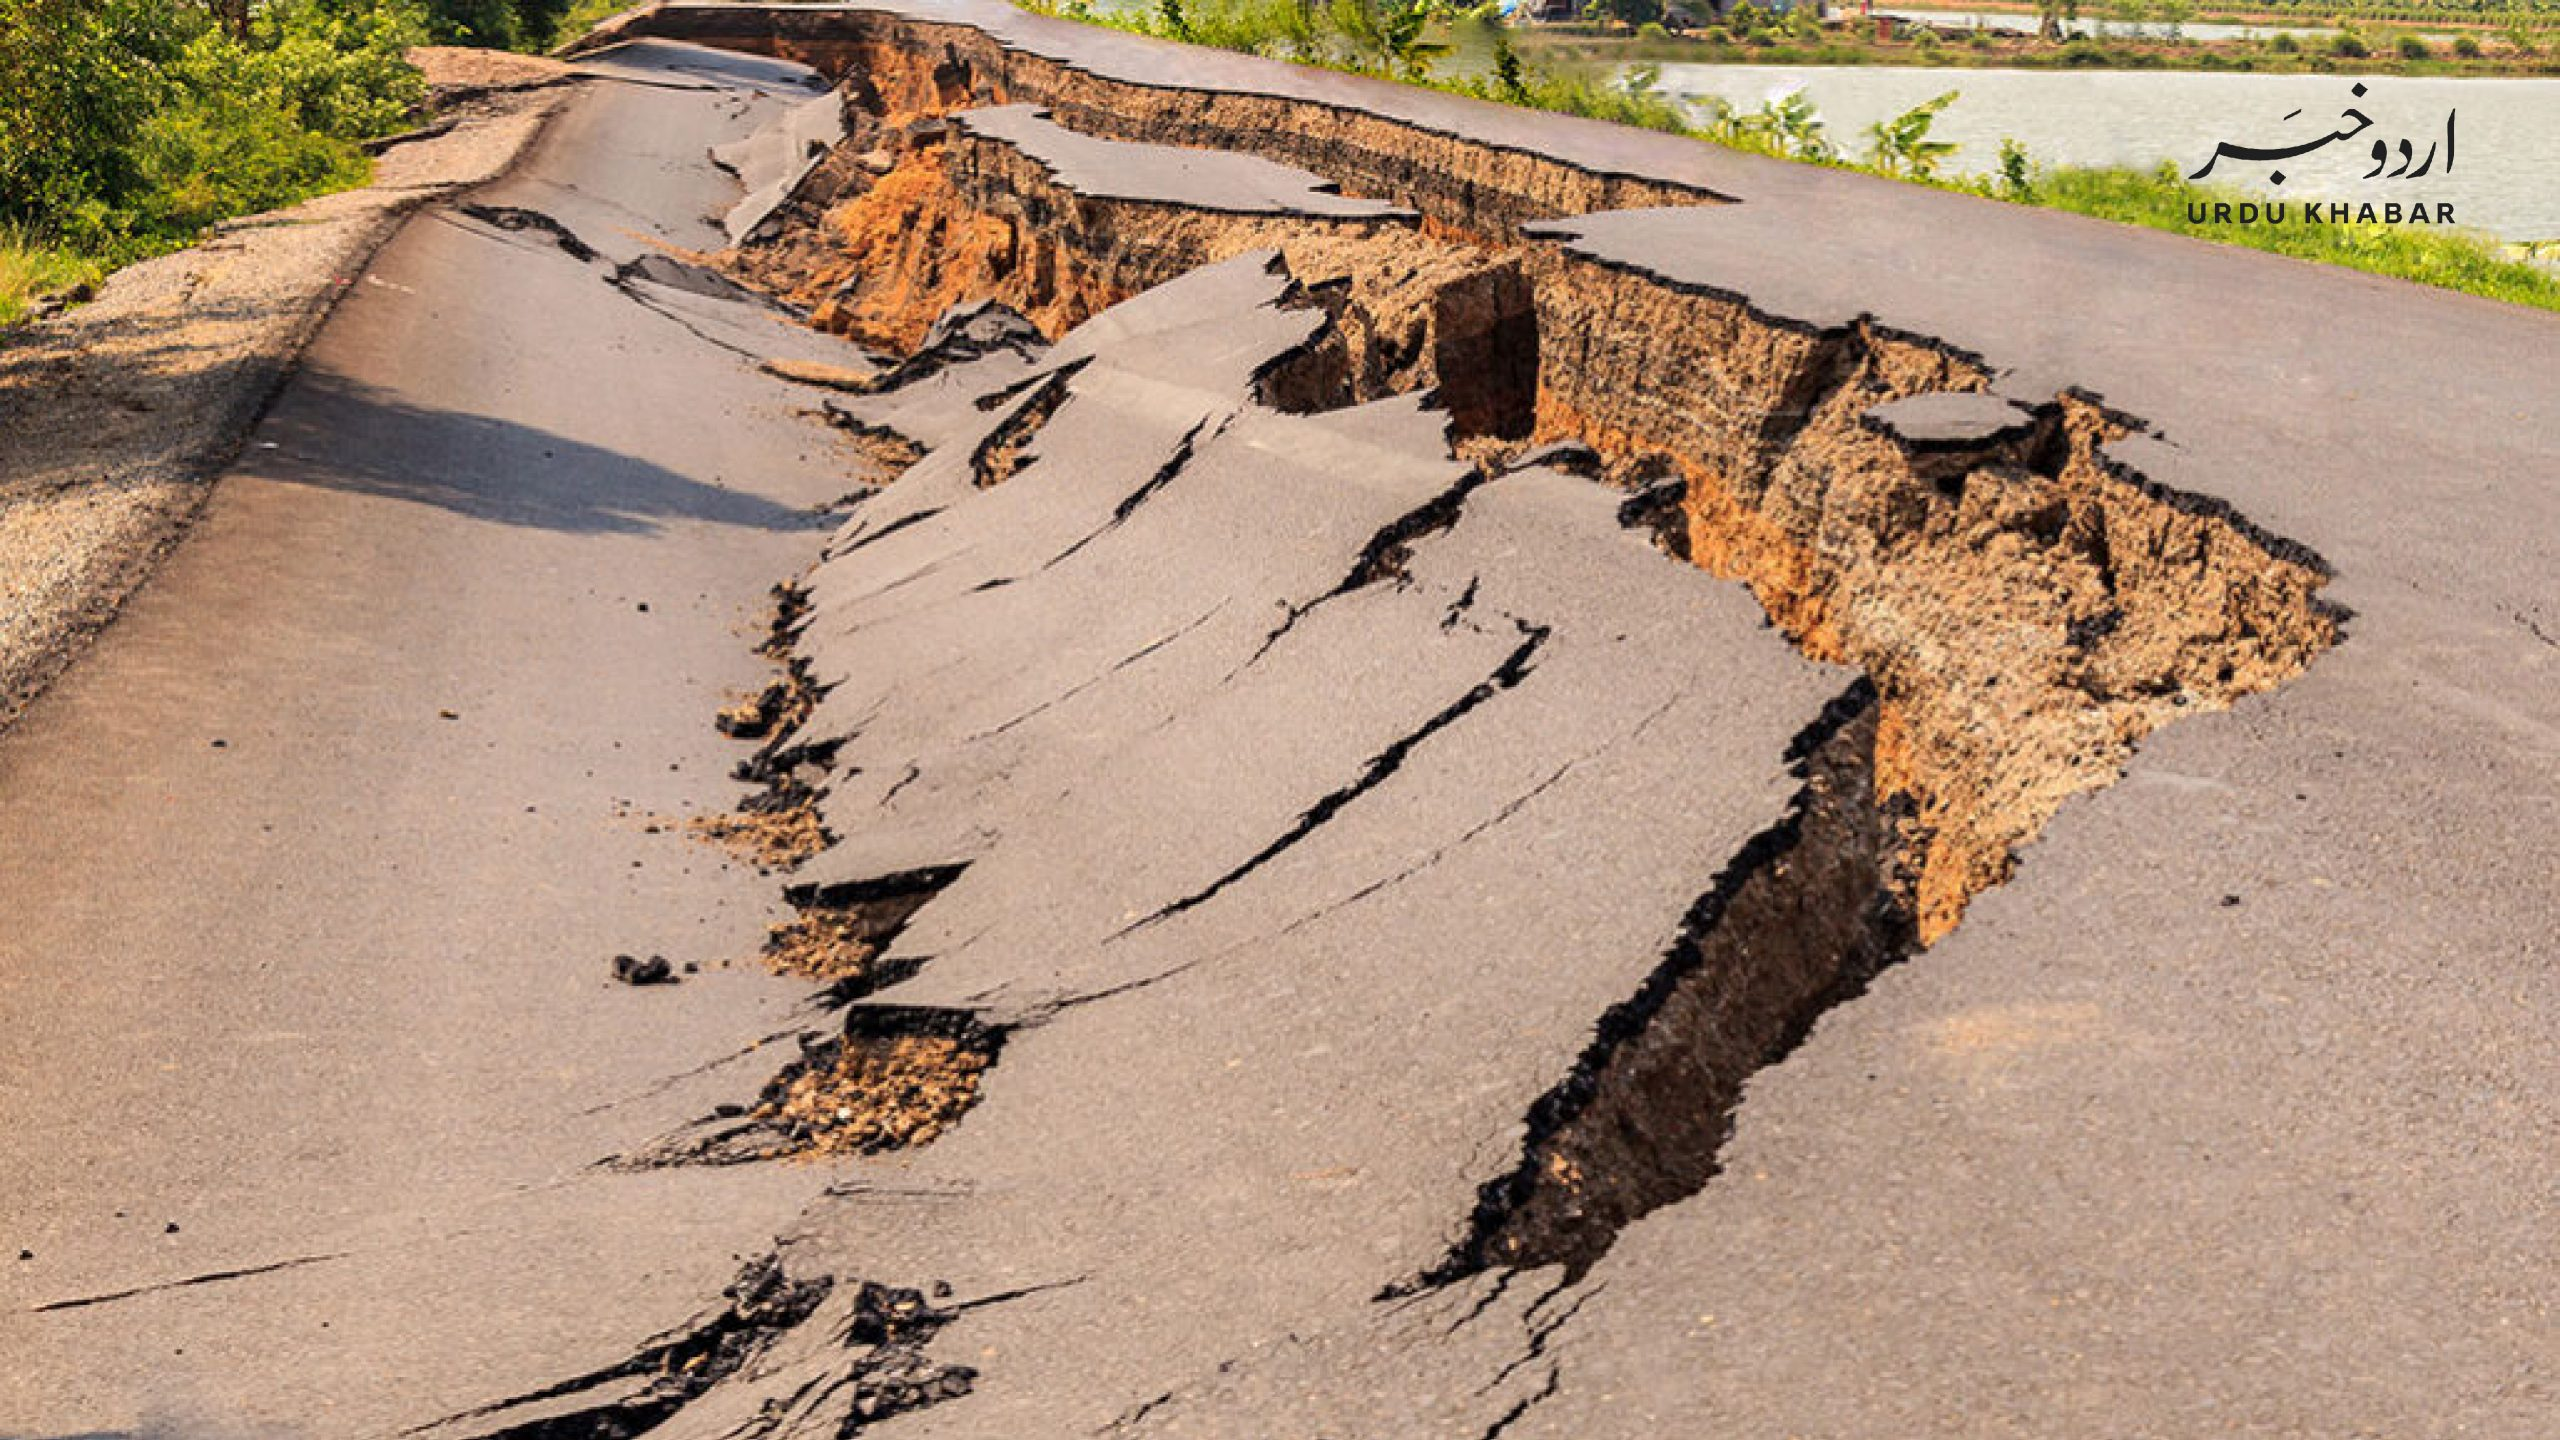 پاکستان کے مختلف شہروں میں 6 اشاریہ 4 کی شدت کا زلزلہ